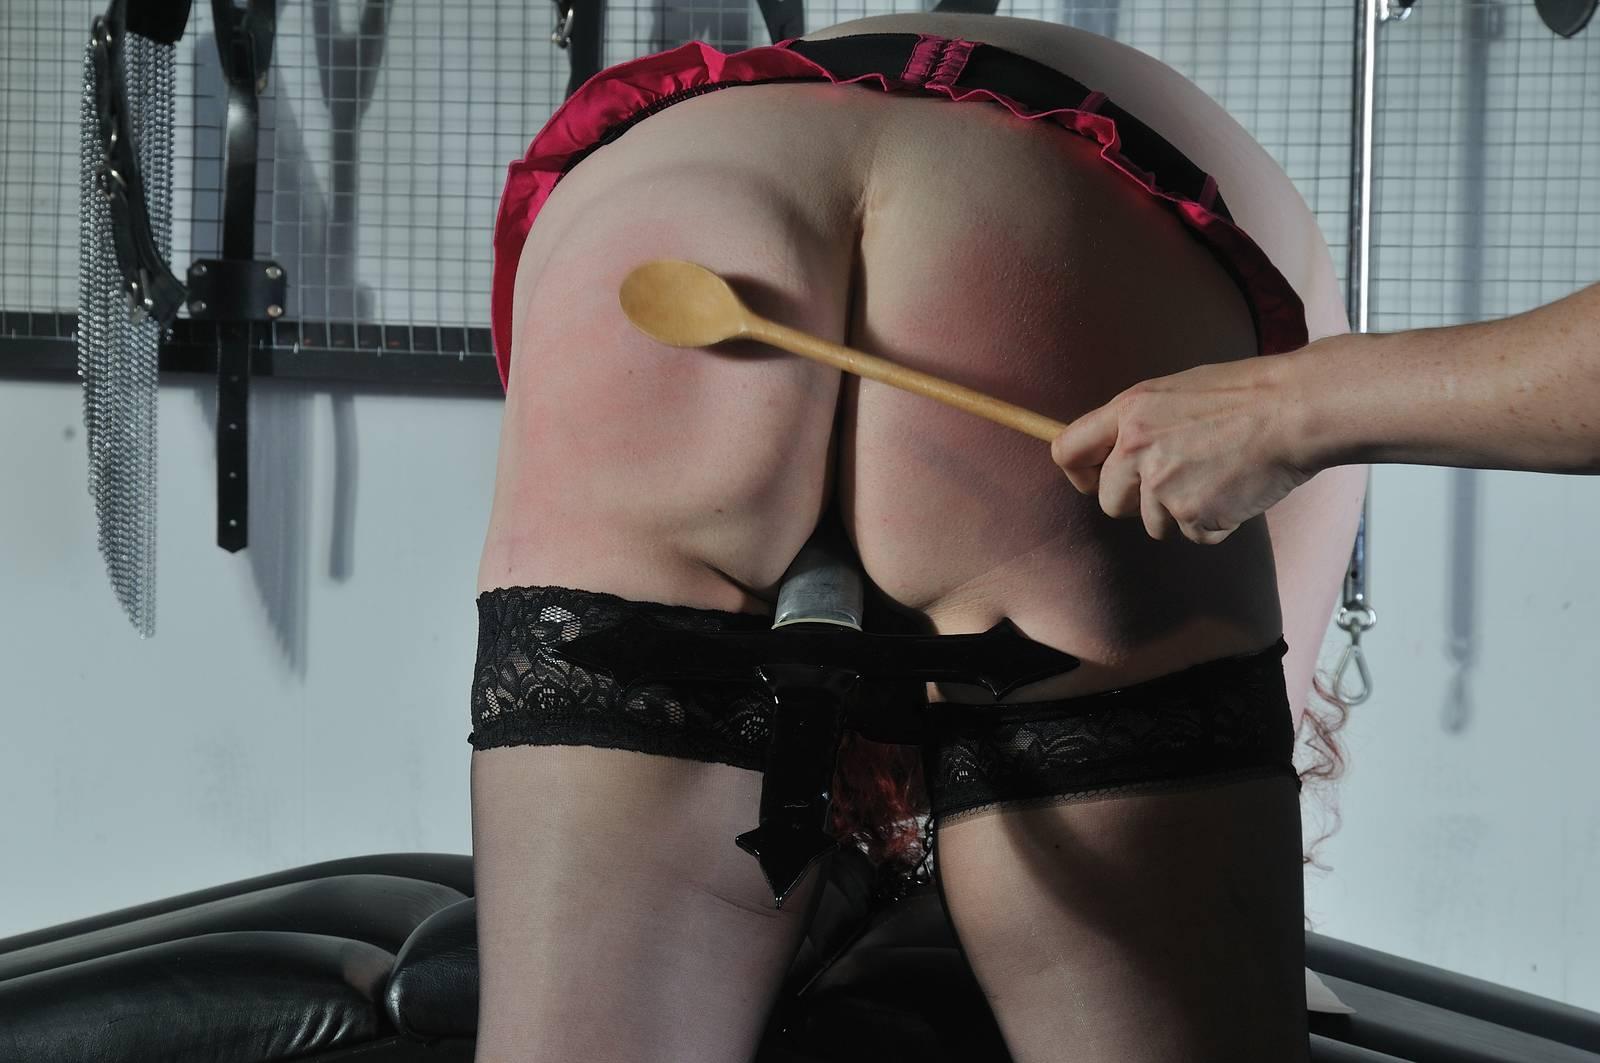 Blindfolded lesbian amateur spanking